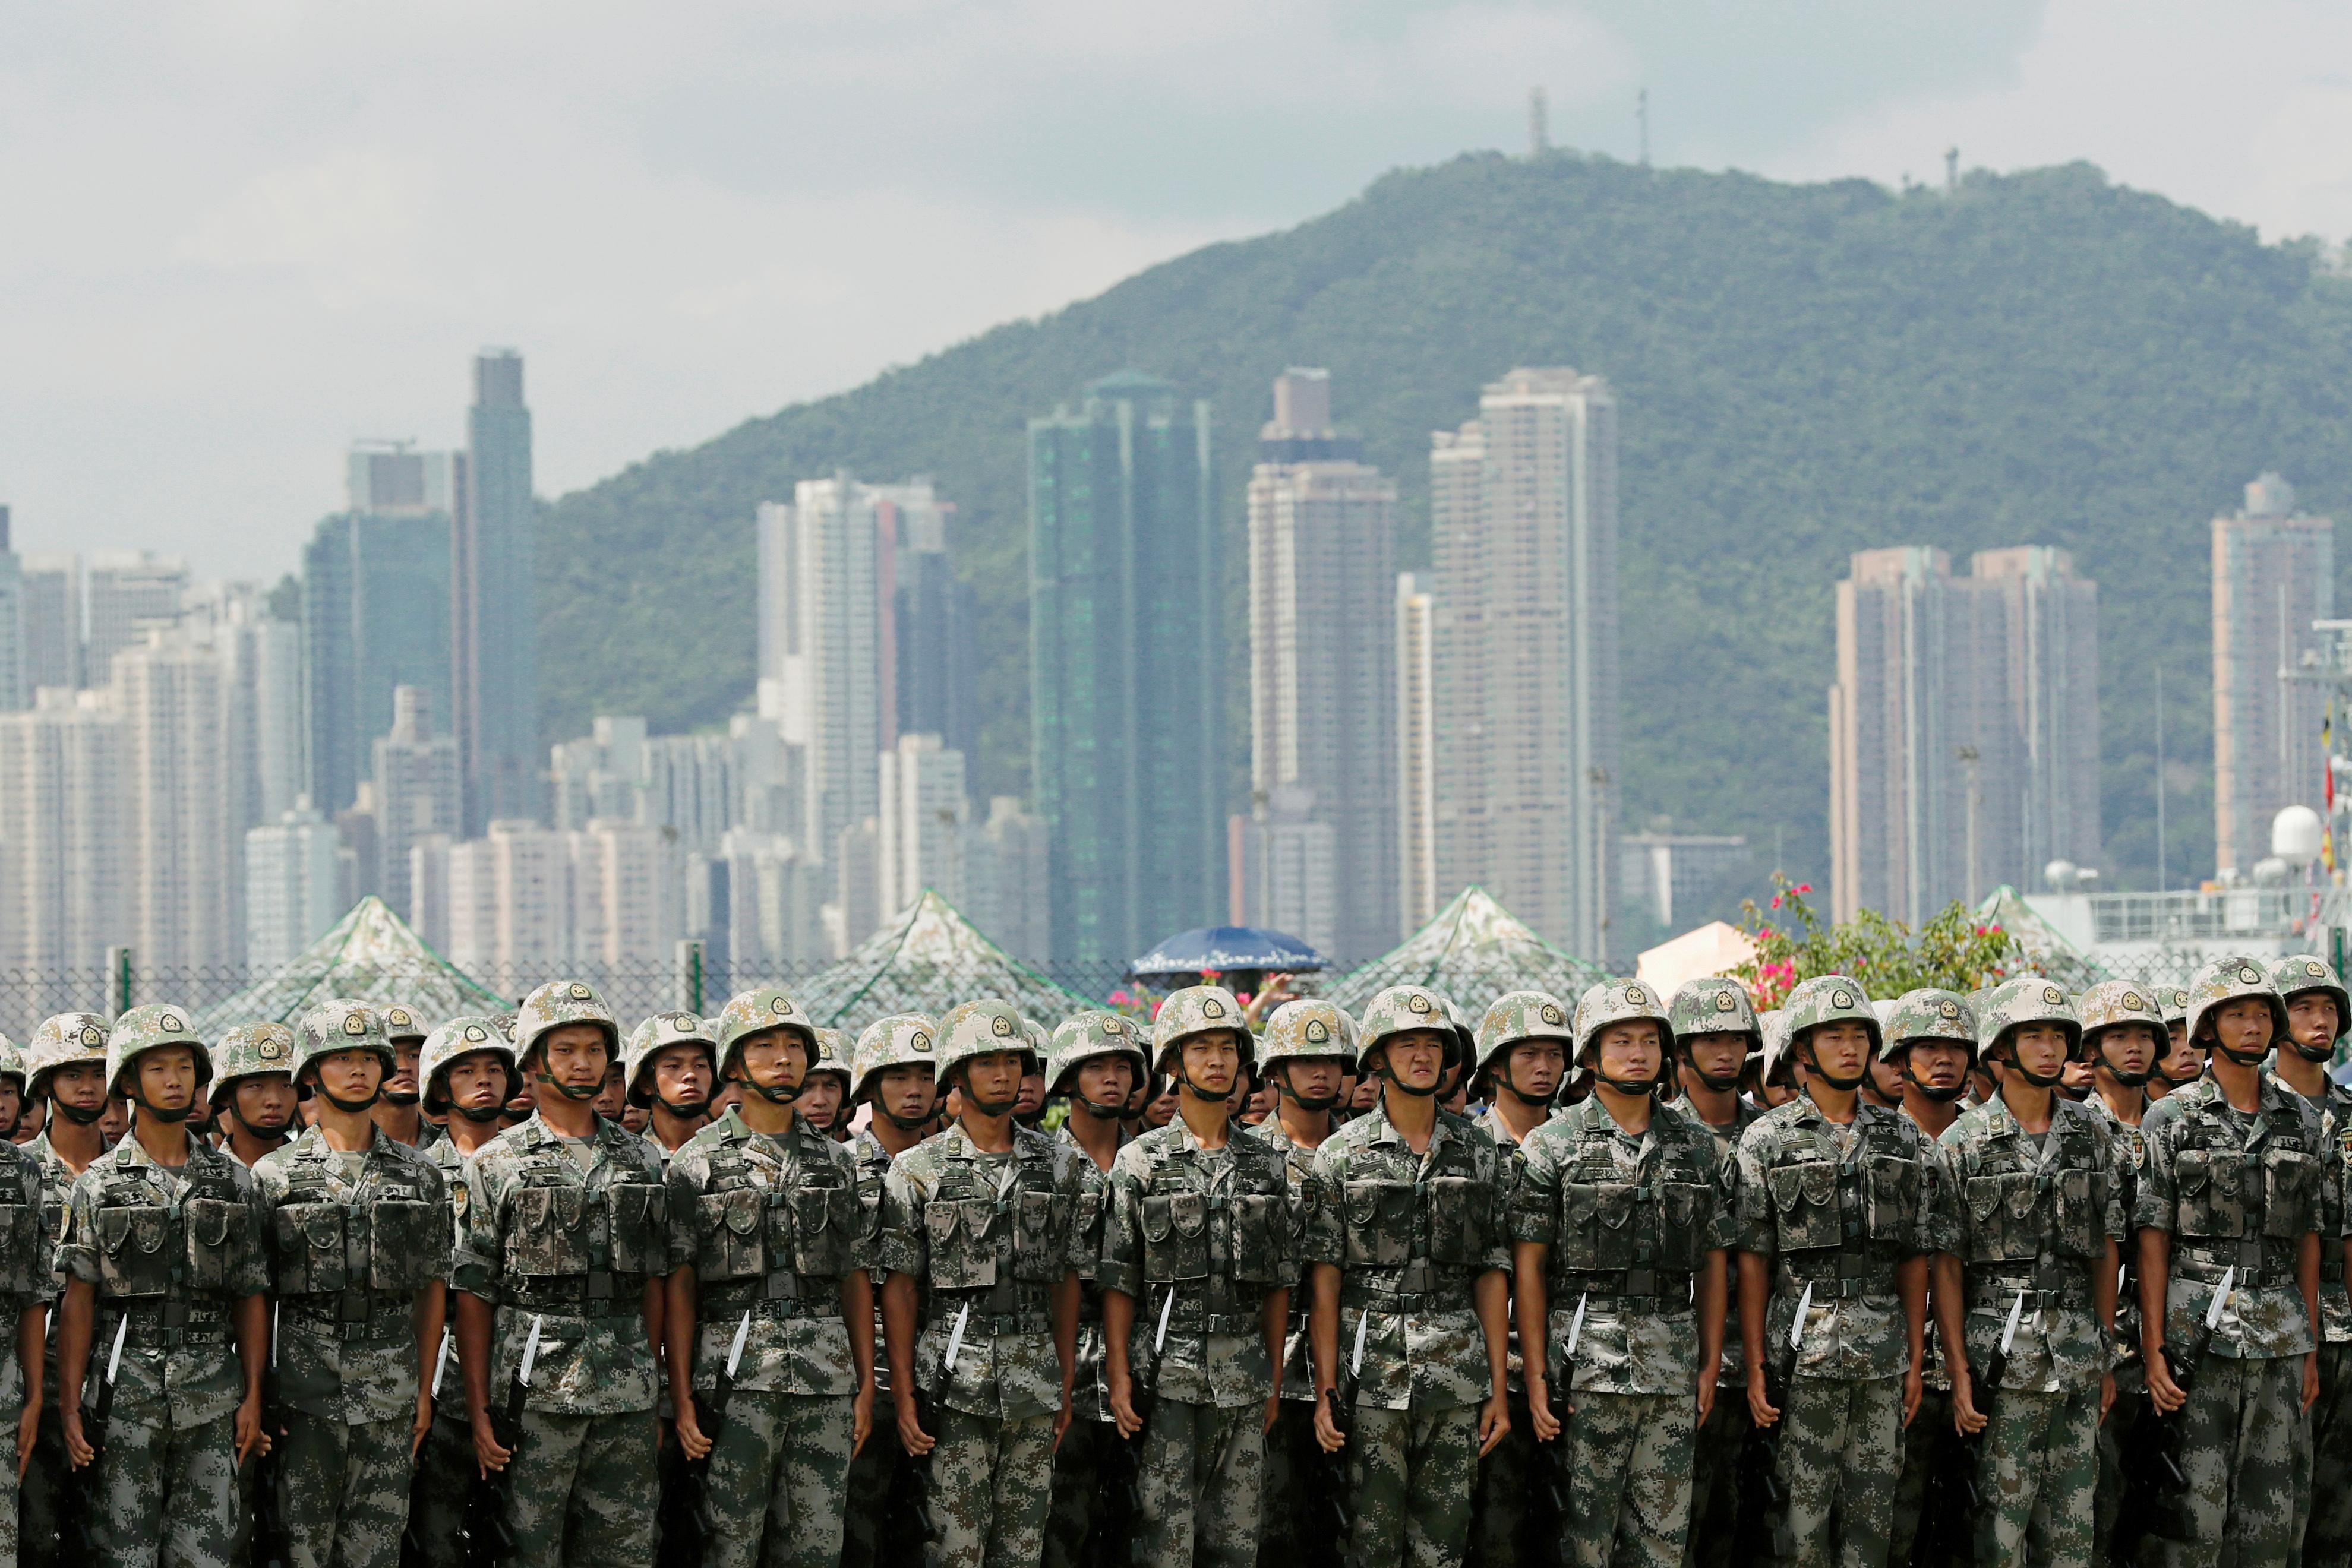 Exclusif: l'APL de la Chine signale qu'elle maintiendra les troupes basées à Hong Kong dans des casernes